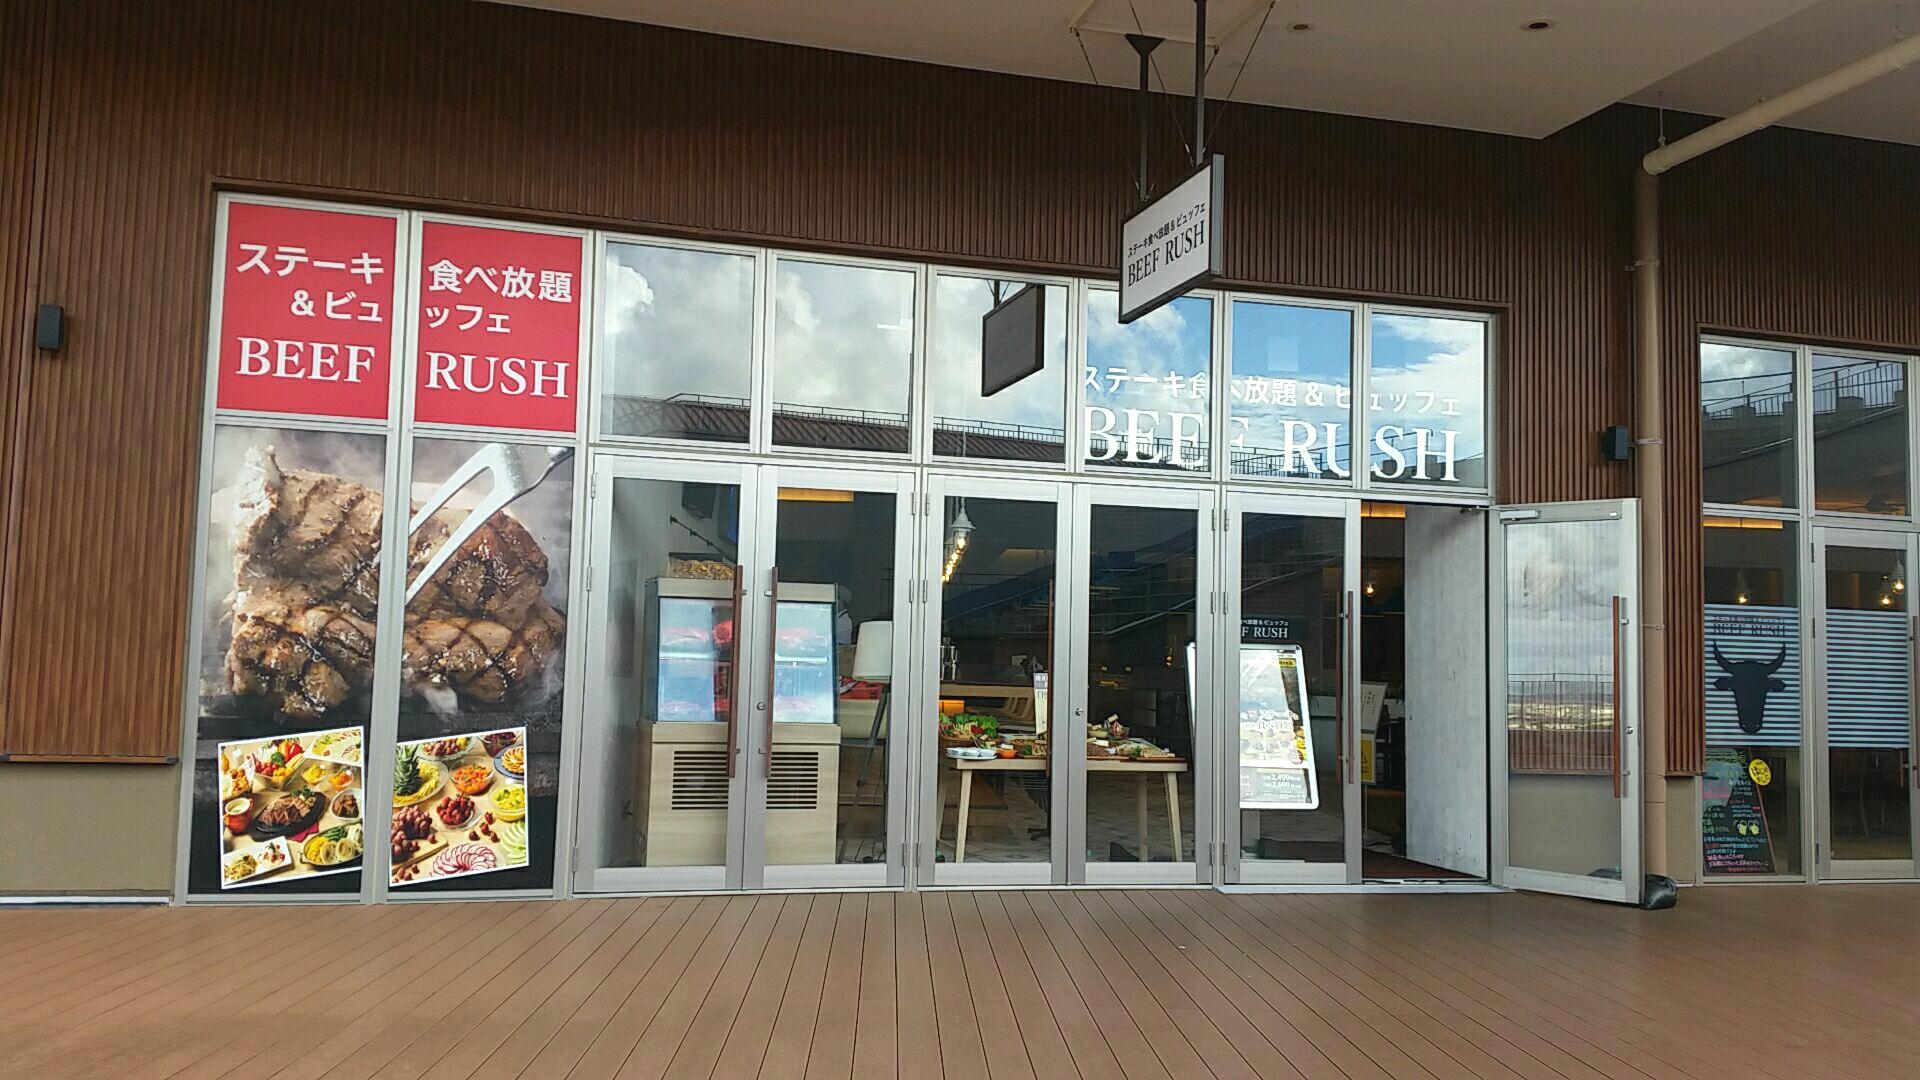 ビーフラッシュ beefrush 沖縄 ライカム